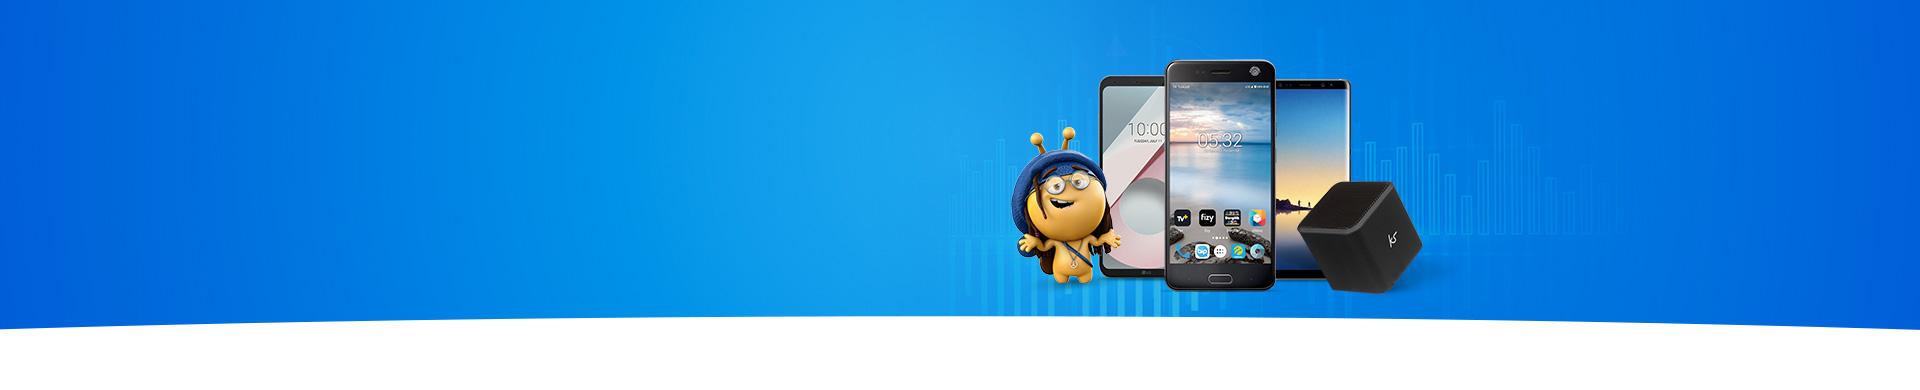 Müzik Dinlemenin Keyfini Çıkartın. turkcell.com.tr'den kontratlı telefon alanlara KitSound Küp Bluetooth Hoparlör hediye!